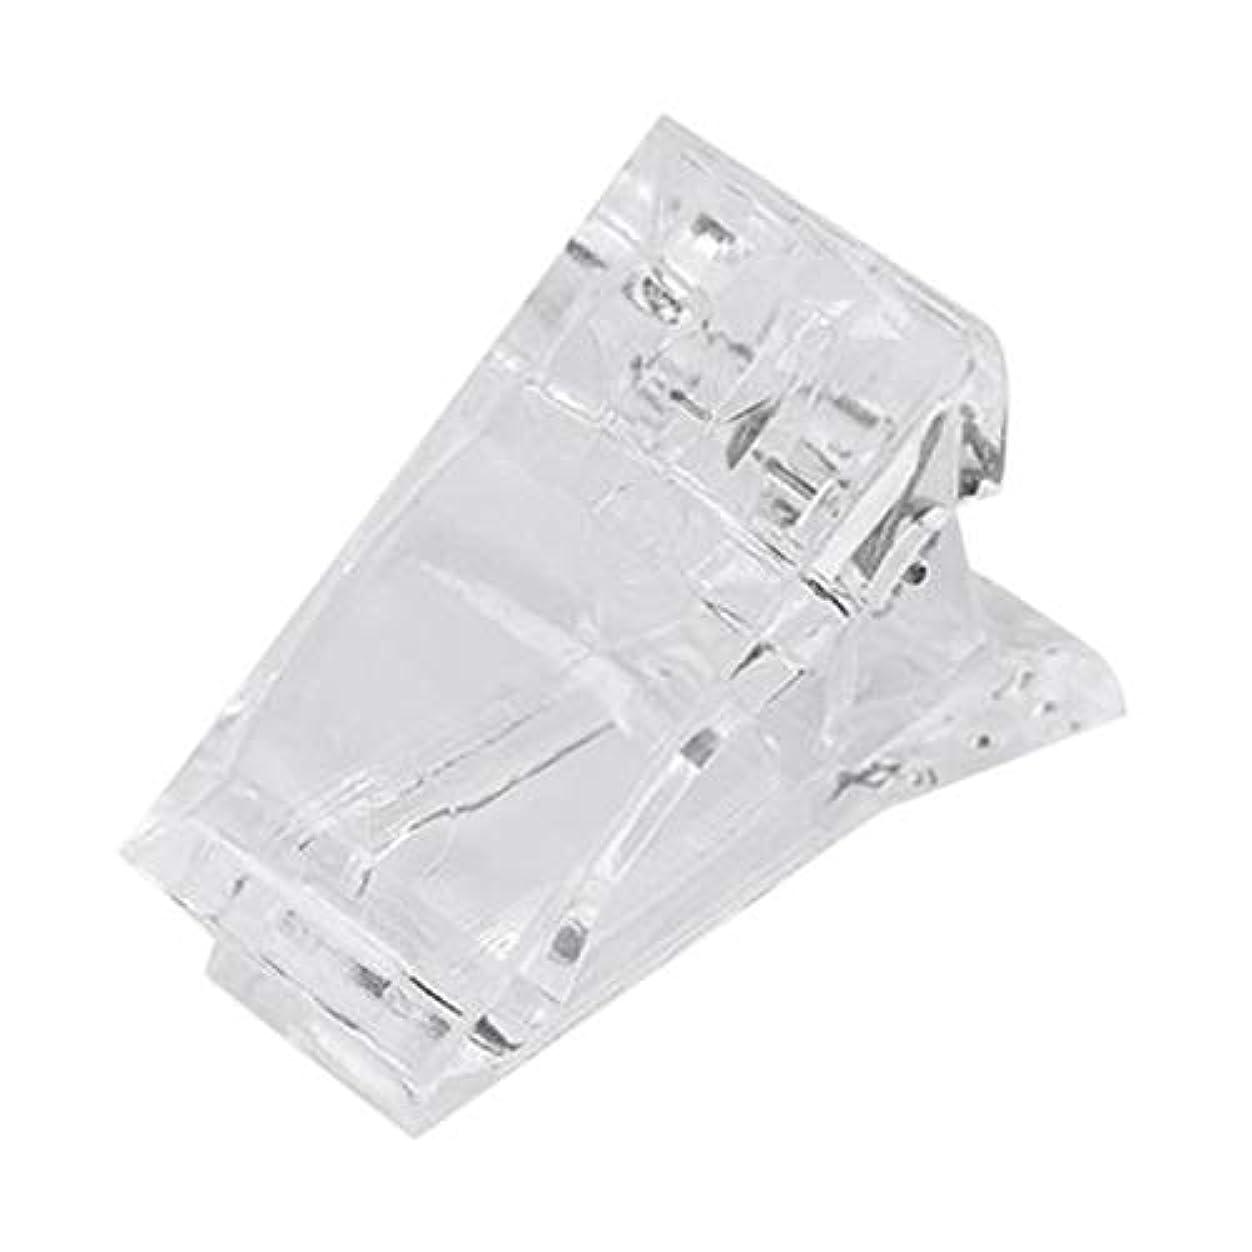 混合ドット逆説TOOGOO ネイルのクリップ 透明指ポリクイック ビルディングジェルエクステンション ネイルアート マニキュアツール アクセサリー 偽ネイル